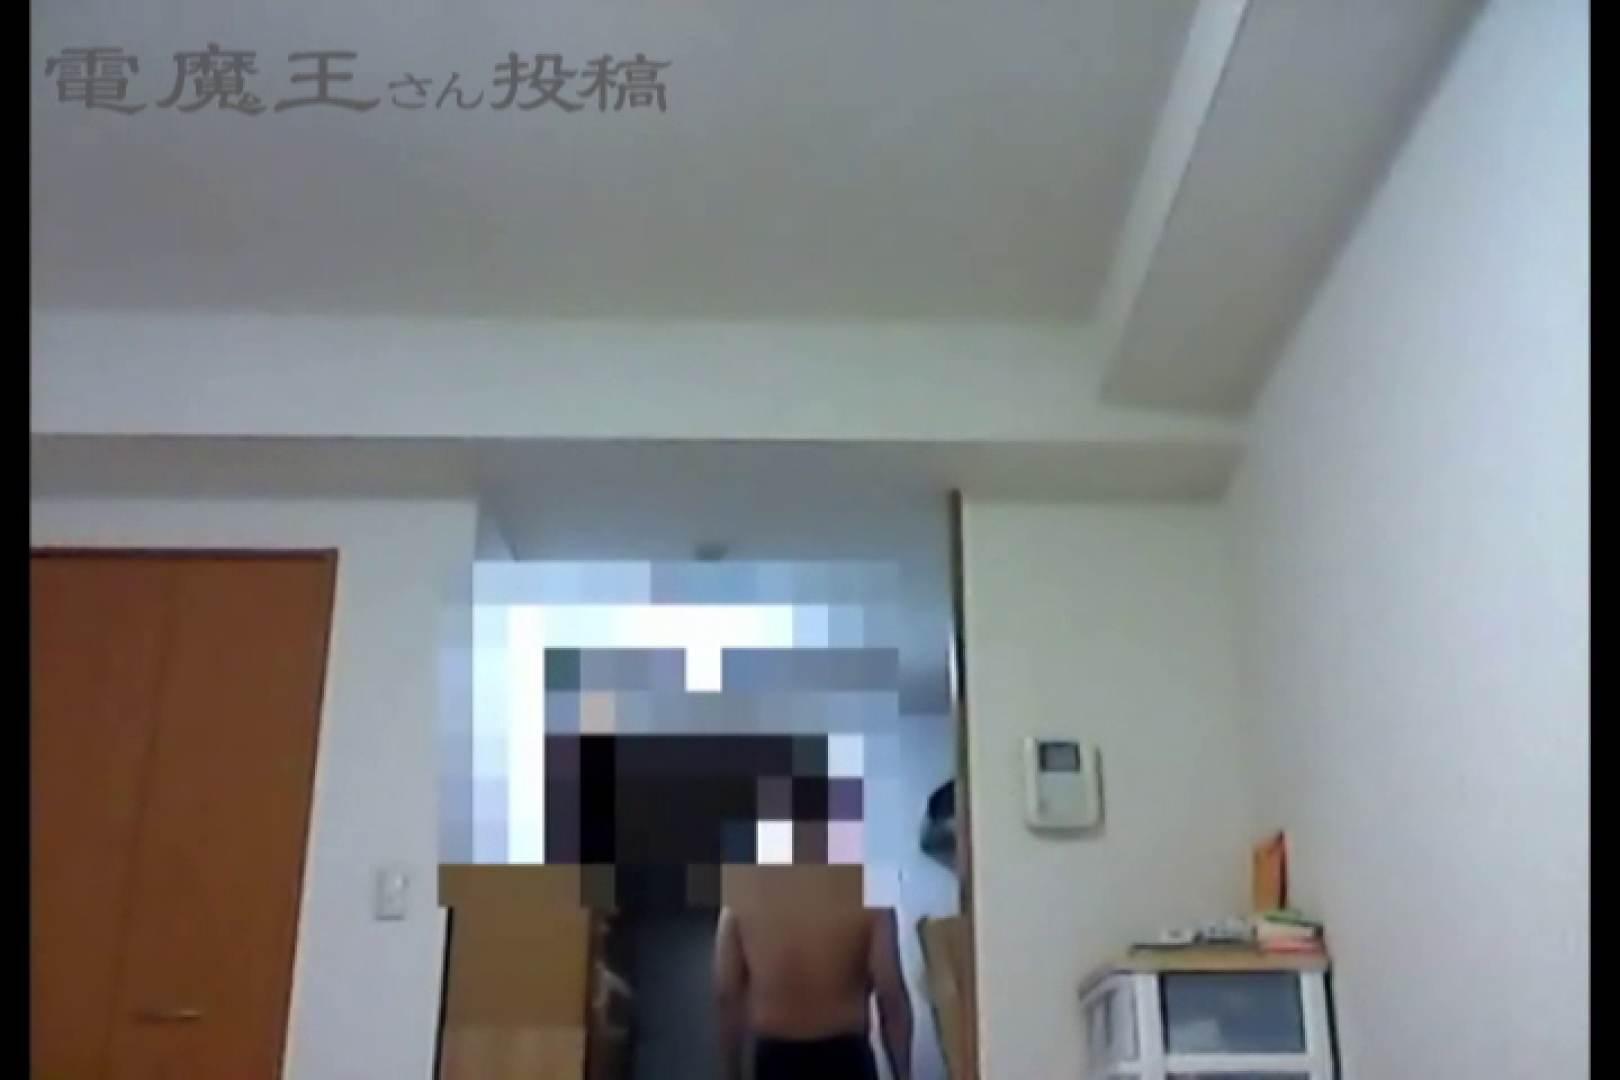 電魔王さんの「隠撮の部屋」ラム 隠撮  95連発 40